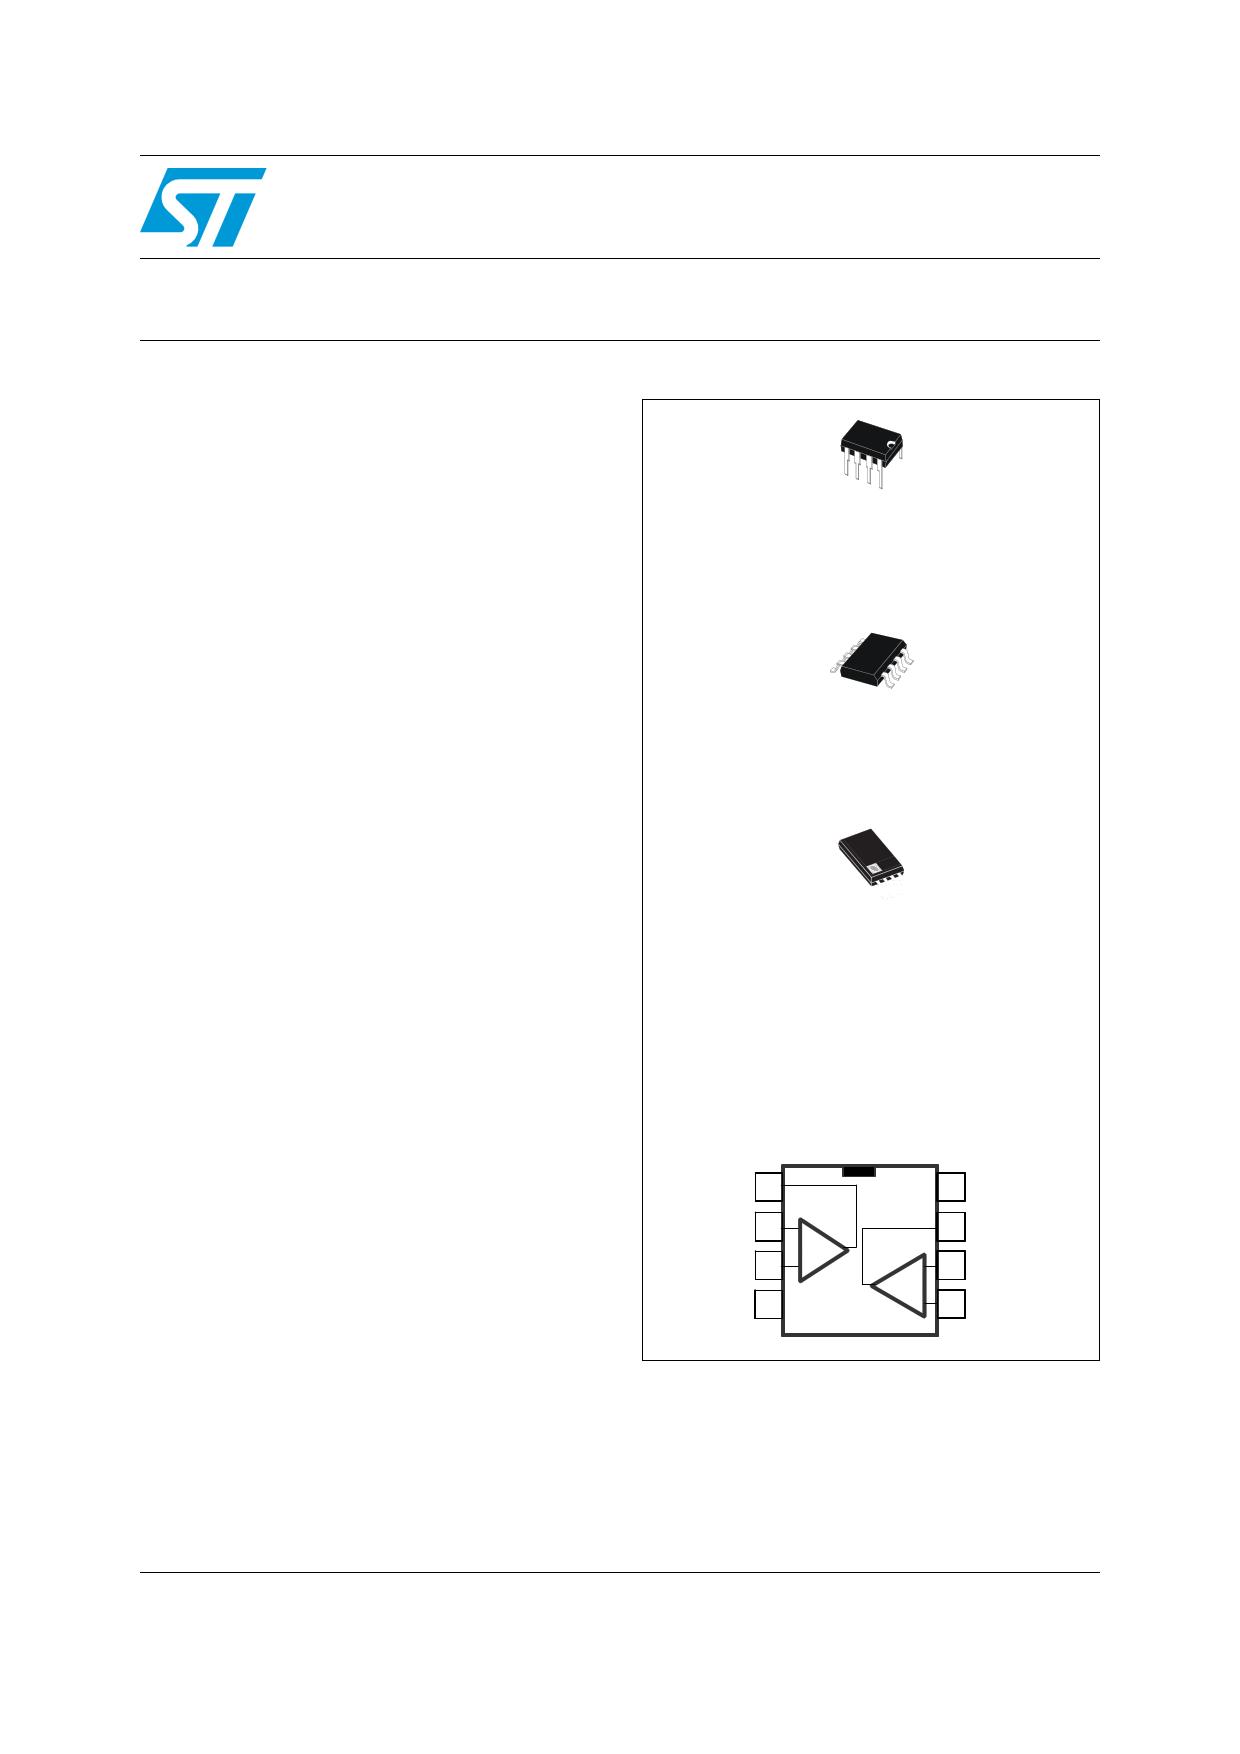 TS27M2B Datasheet, TS27M2B PDF,ピン配置, 機能